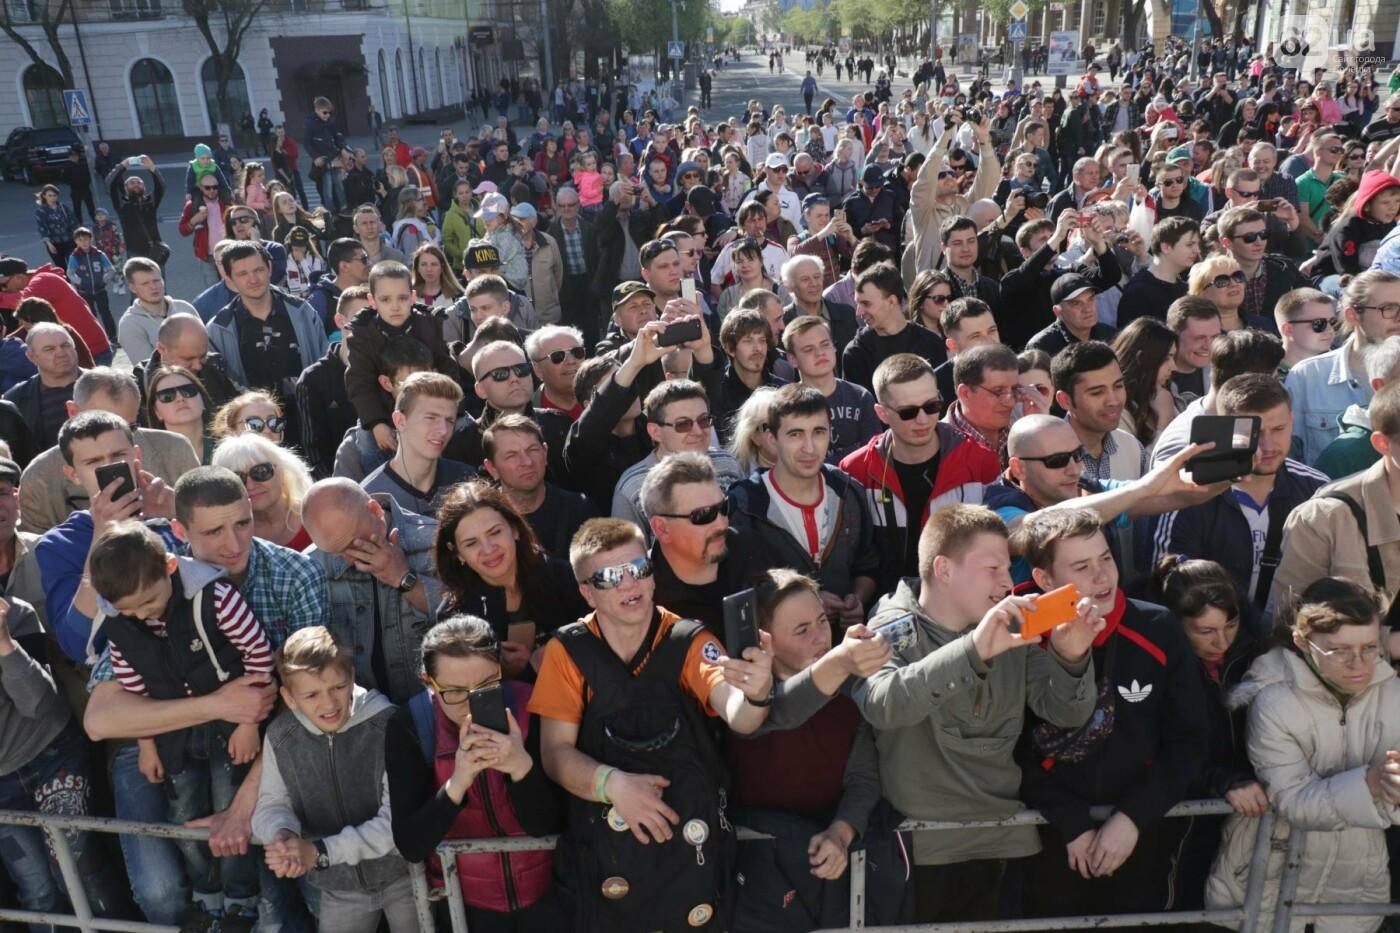 Сотни мариупольцев штурмовали сцену перед драмтеатром ради кубка Лиги чемпионов (ФОТОРЕПОРТАЖ+ВИДЕО), фото-18